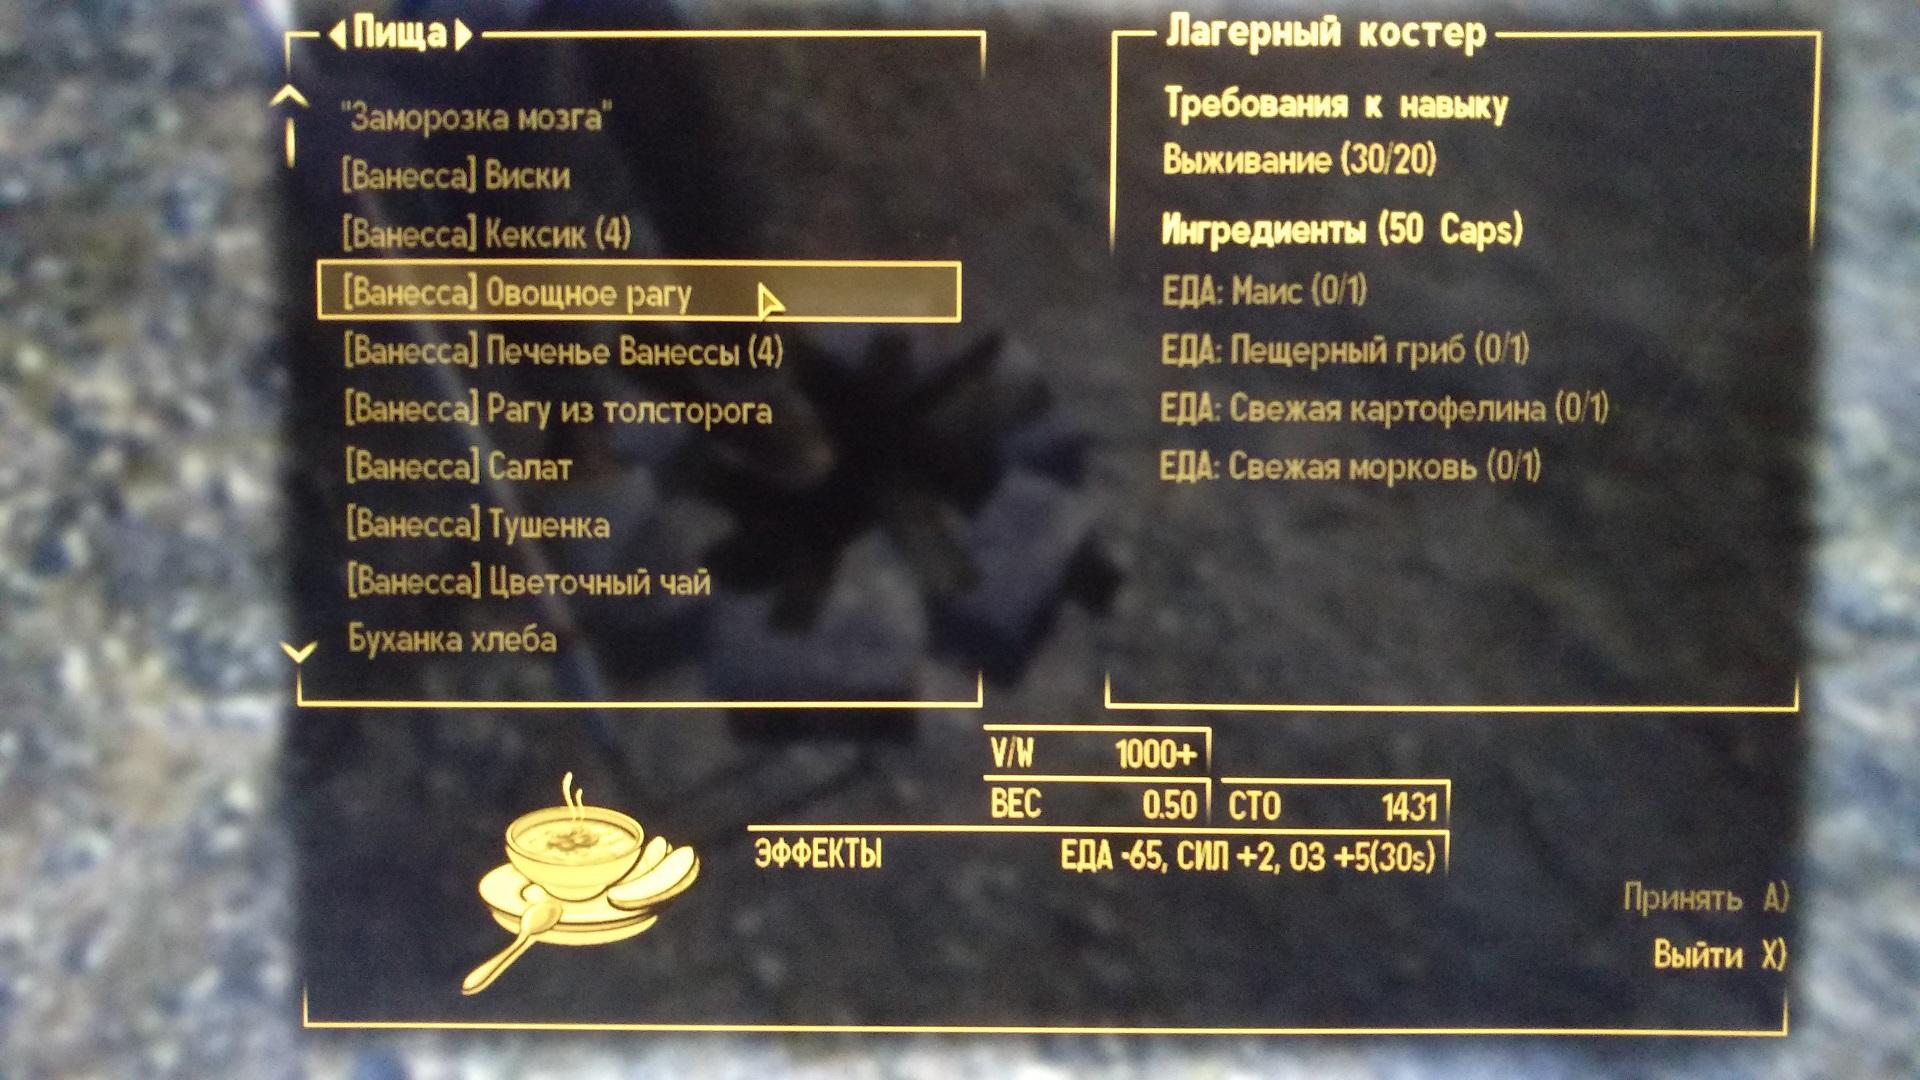 af5362e36864e48d600c6de3ad3a7cf9.jpg